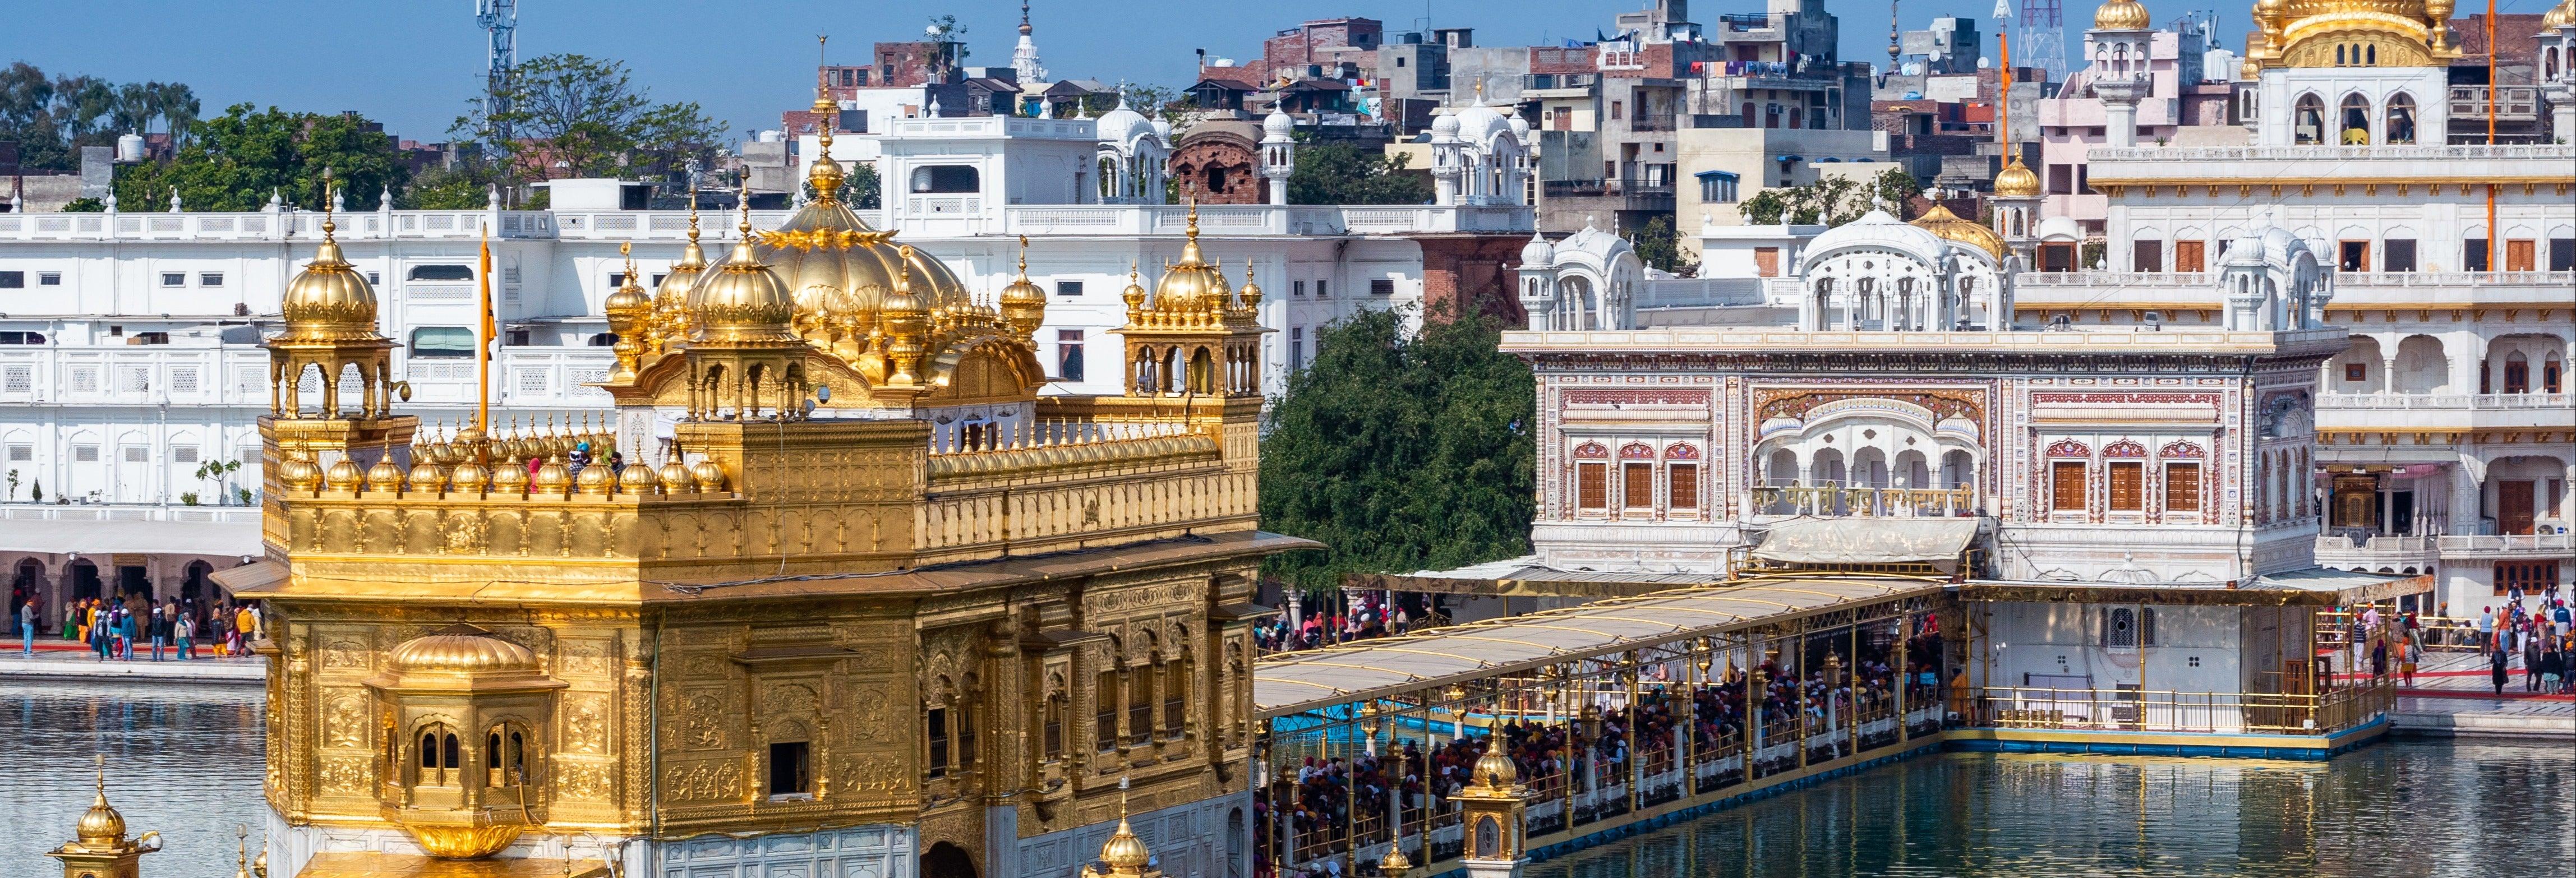 Visita guiada privada por Amritsar e seus templos